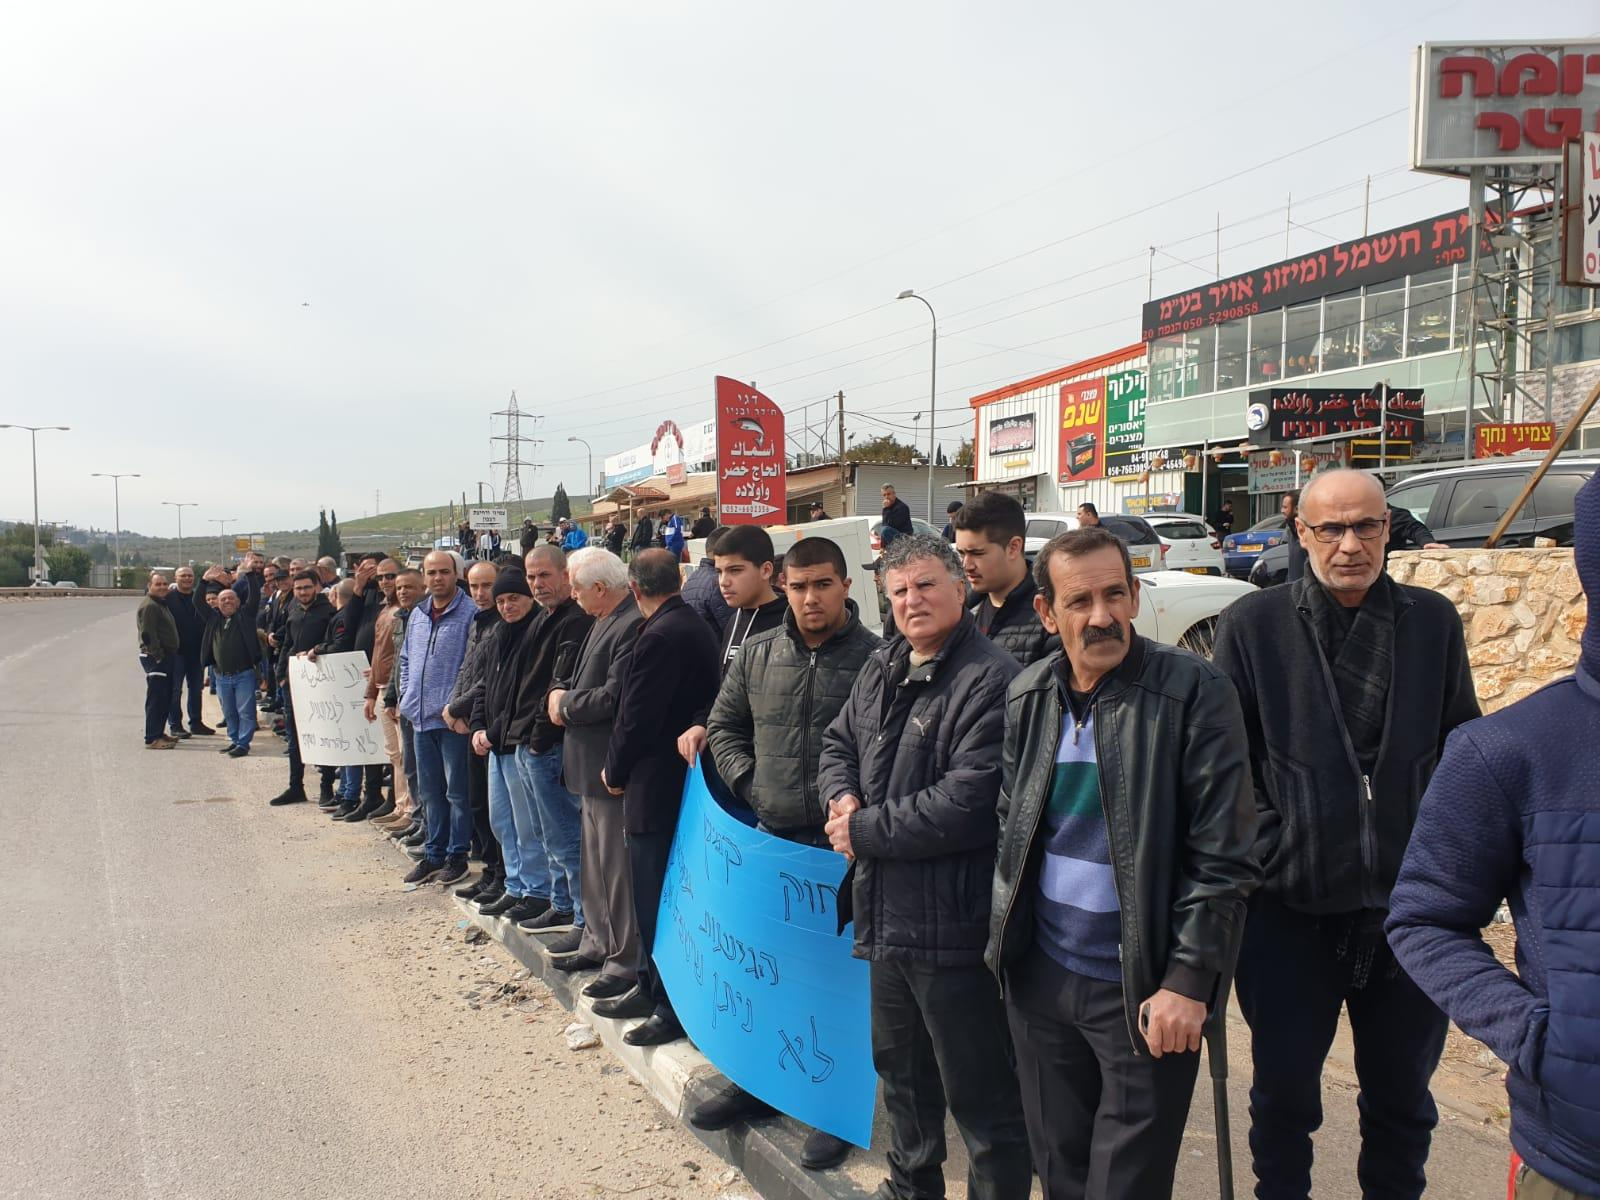 نحف: تظاهرة وإغلاق شارع 85 ضد أوامر إخلاء محال تجارية